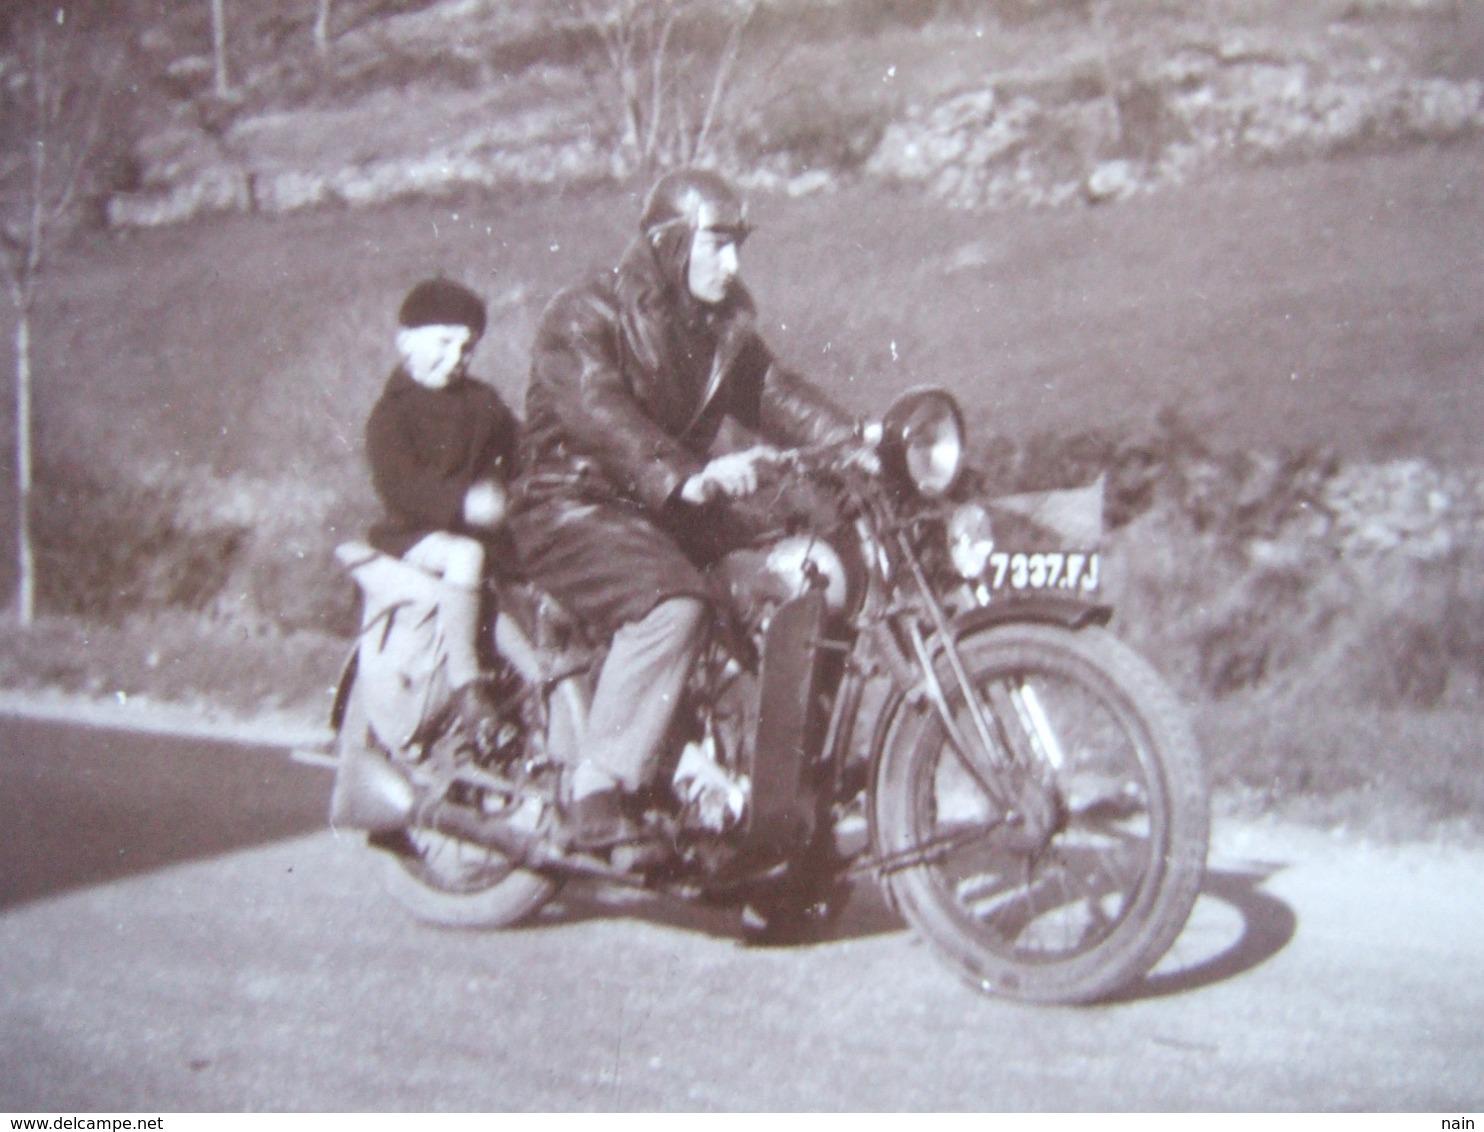 MOTOS - PHOTO CARTONNEE - 13 X 8.7 -MOTO AVEC UN PETIT GARÇON DERRIERE... -  TROUVER EN BRETAGNE, FINISTERE - Motos